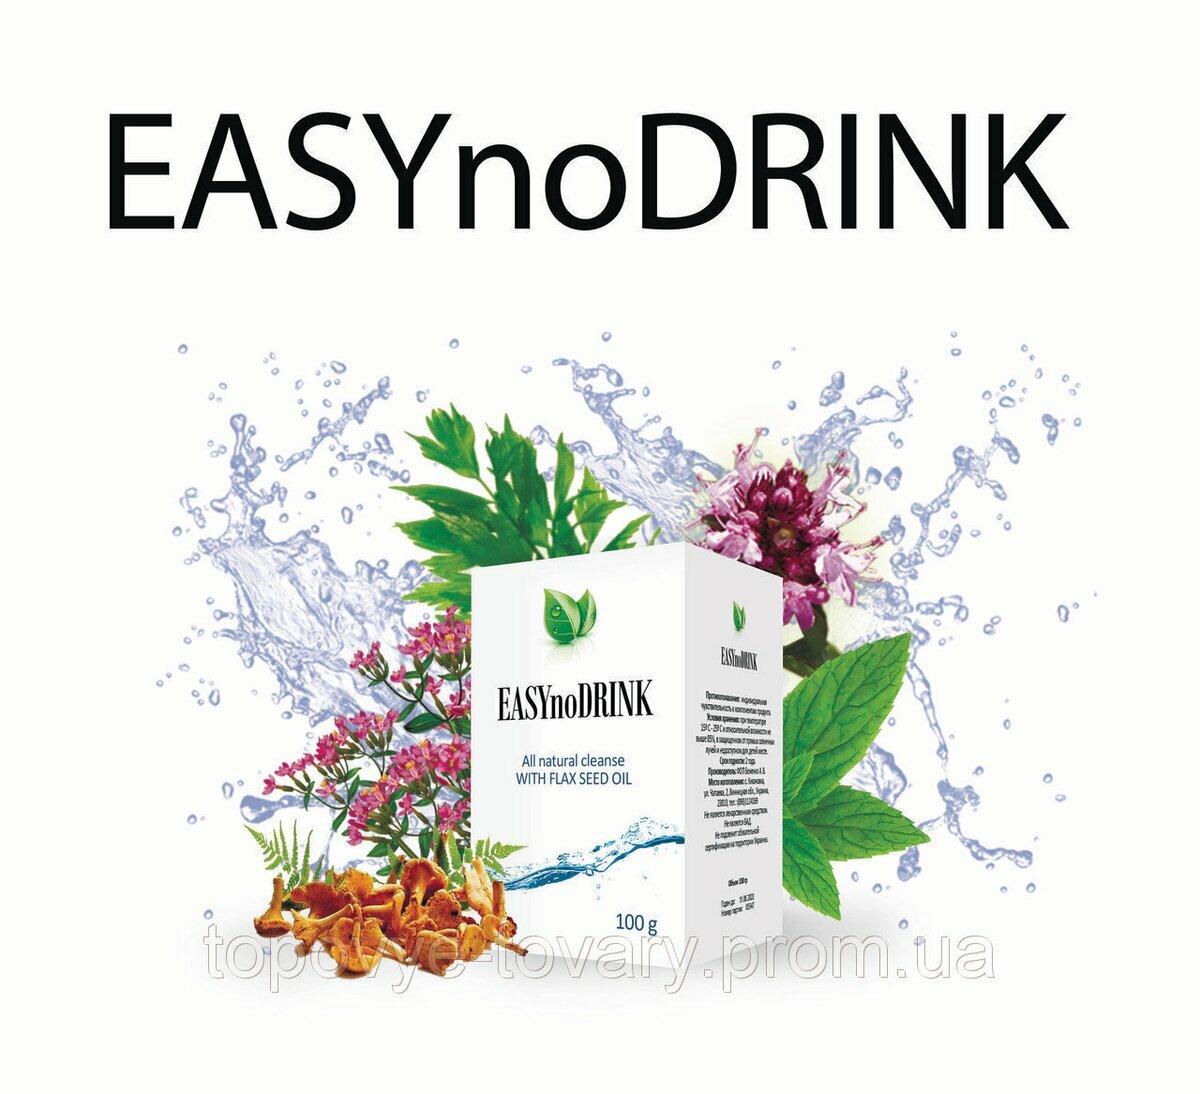 EASYnoDRINK концентрат от алкоголизма в Пскове